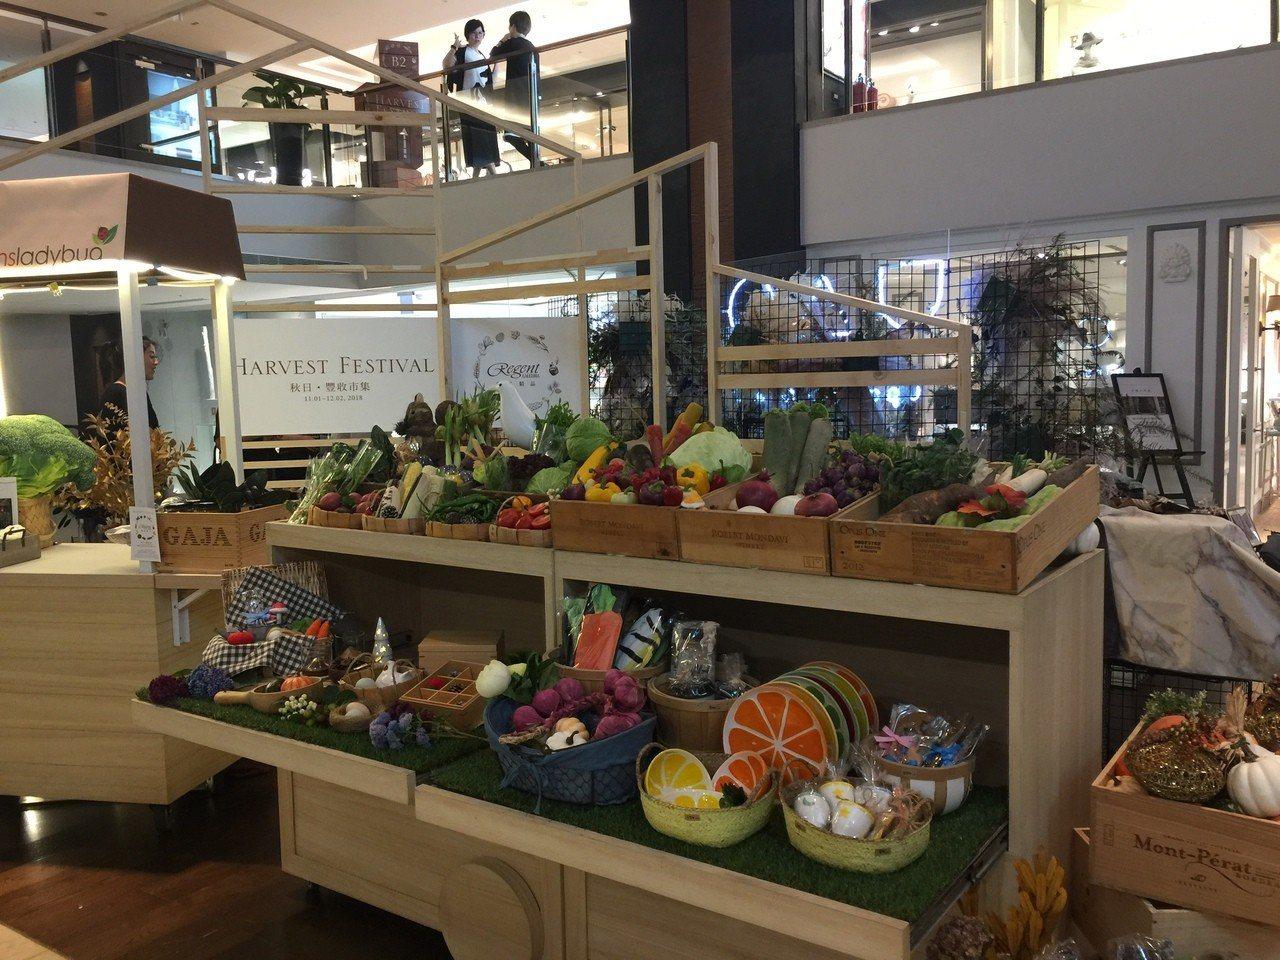 晶華酒店在地下二樓麗晶精品商場推出秋日豐收市集,讓貴婦體驗五星級大飯店買菜的樂趣...